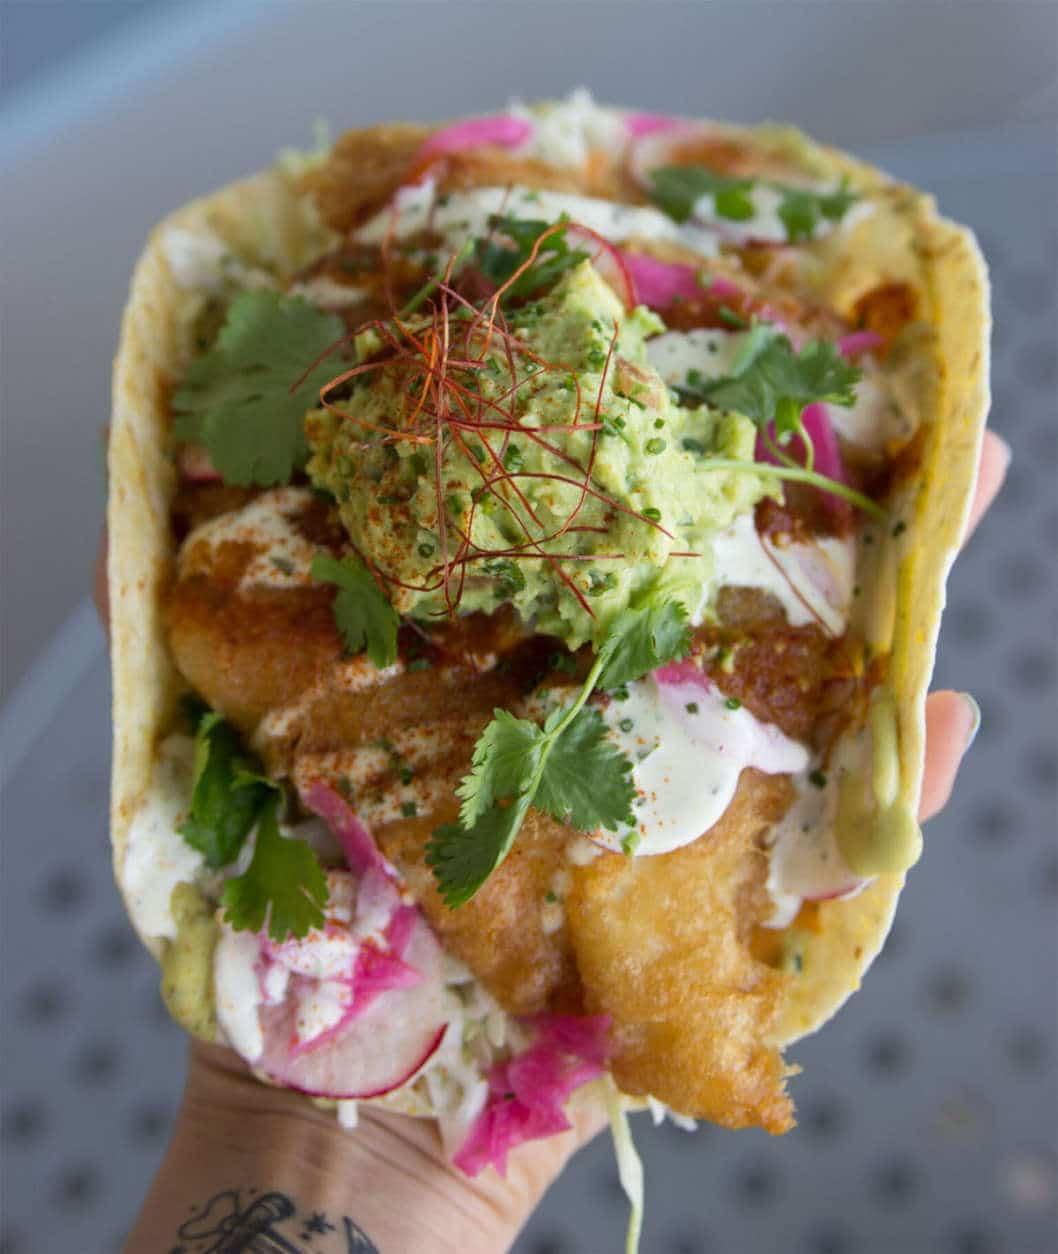 The two-handed fish tacos. (Courtesy Slapfish)